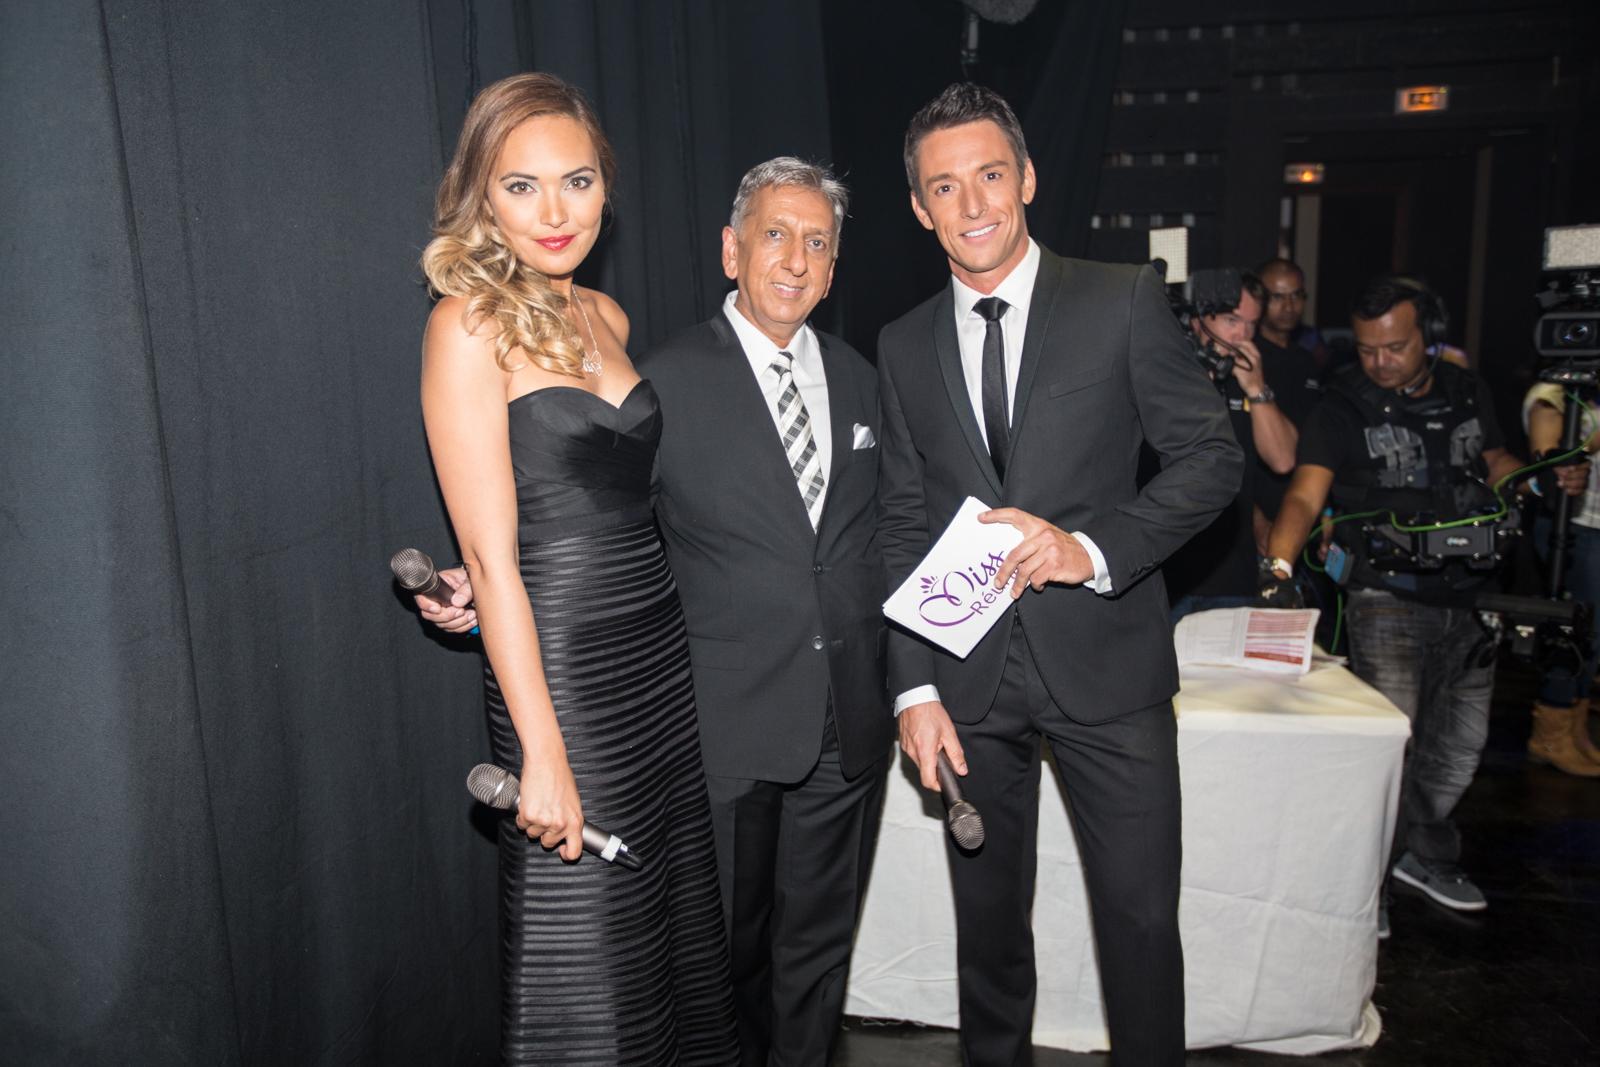 Valérie Bégue, Aziz Patel, Président du comité Miss Réunion, et Stéphane Jobert.